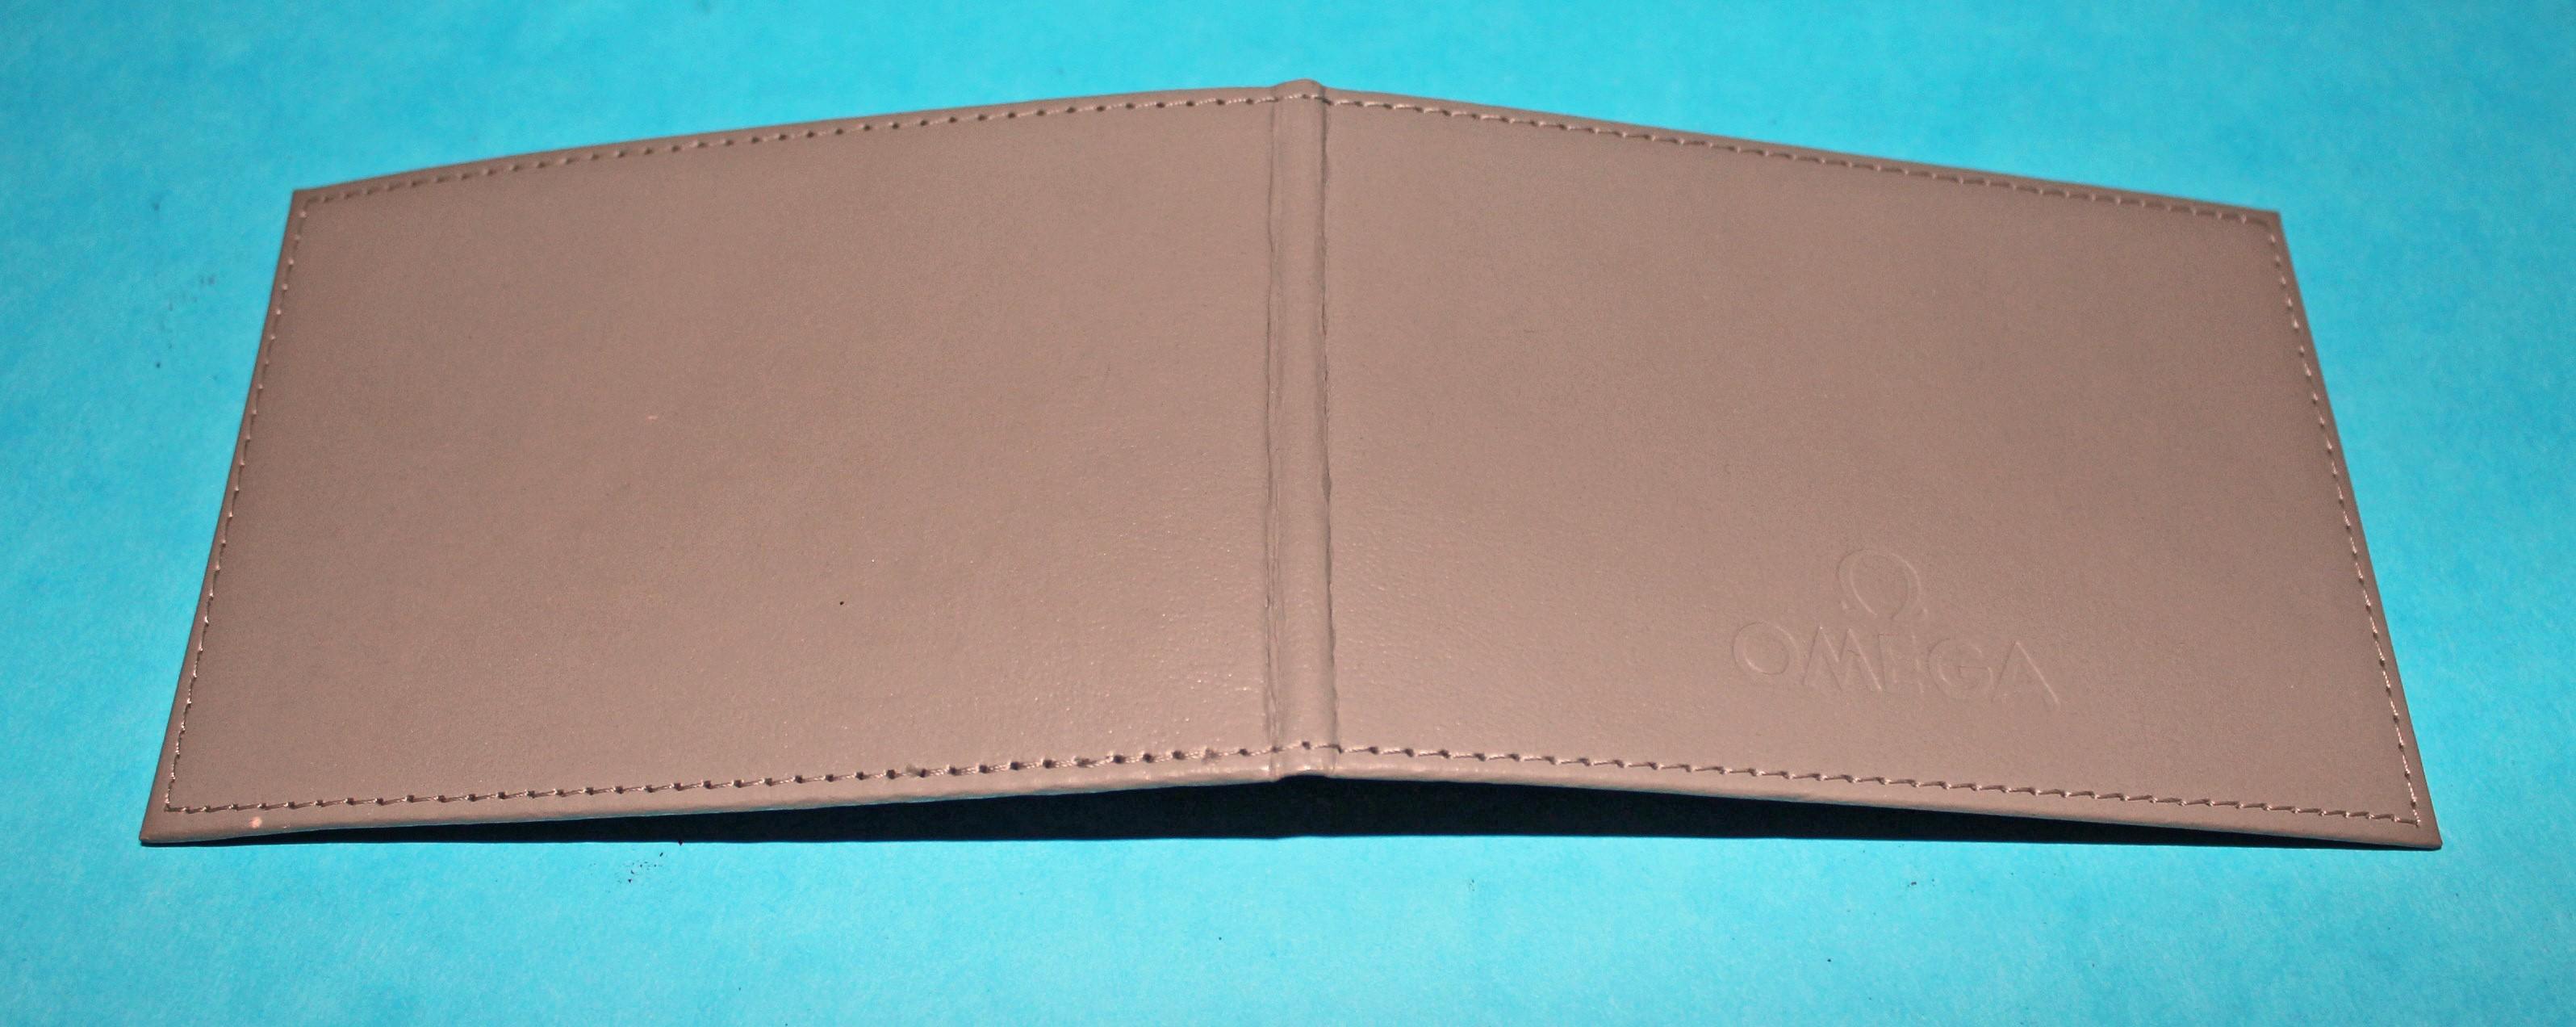 omega watch grey leather  blank warranty card holder